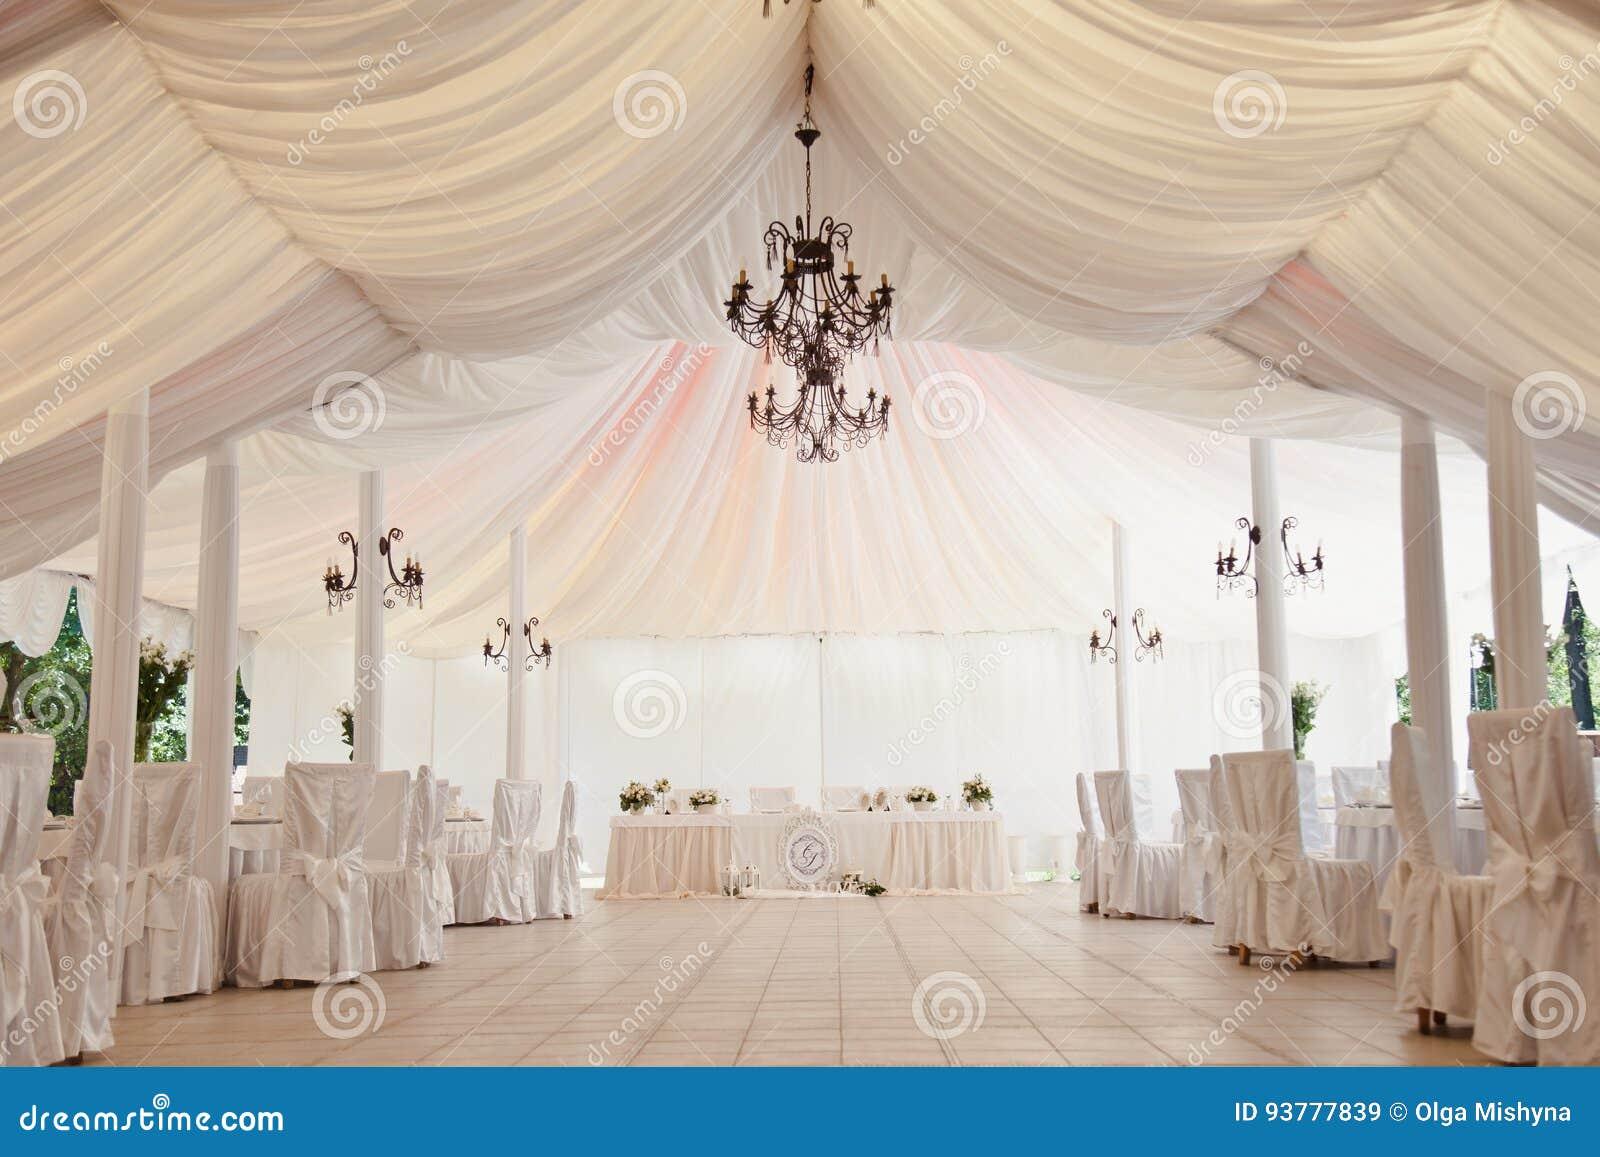 Markttent voor de viering van het huwelijk